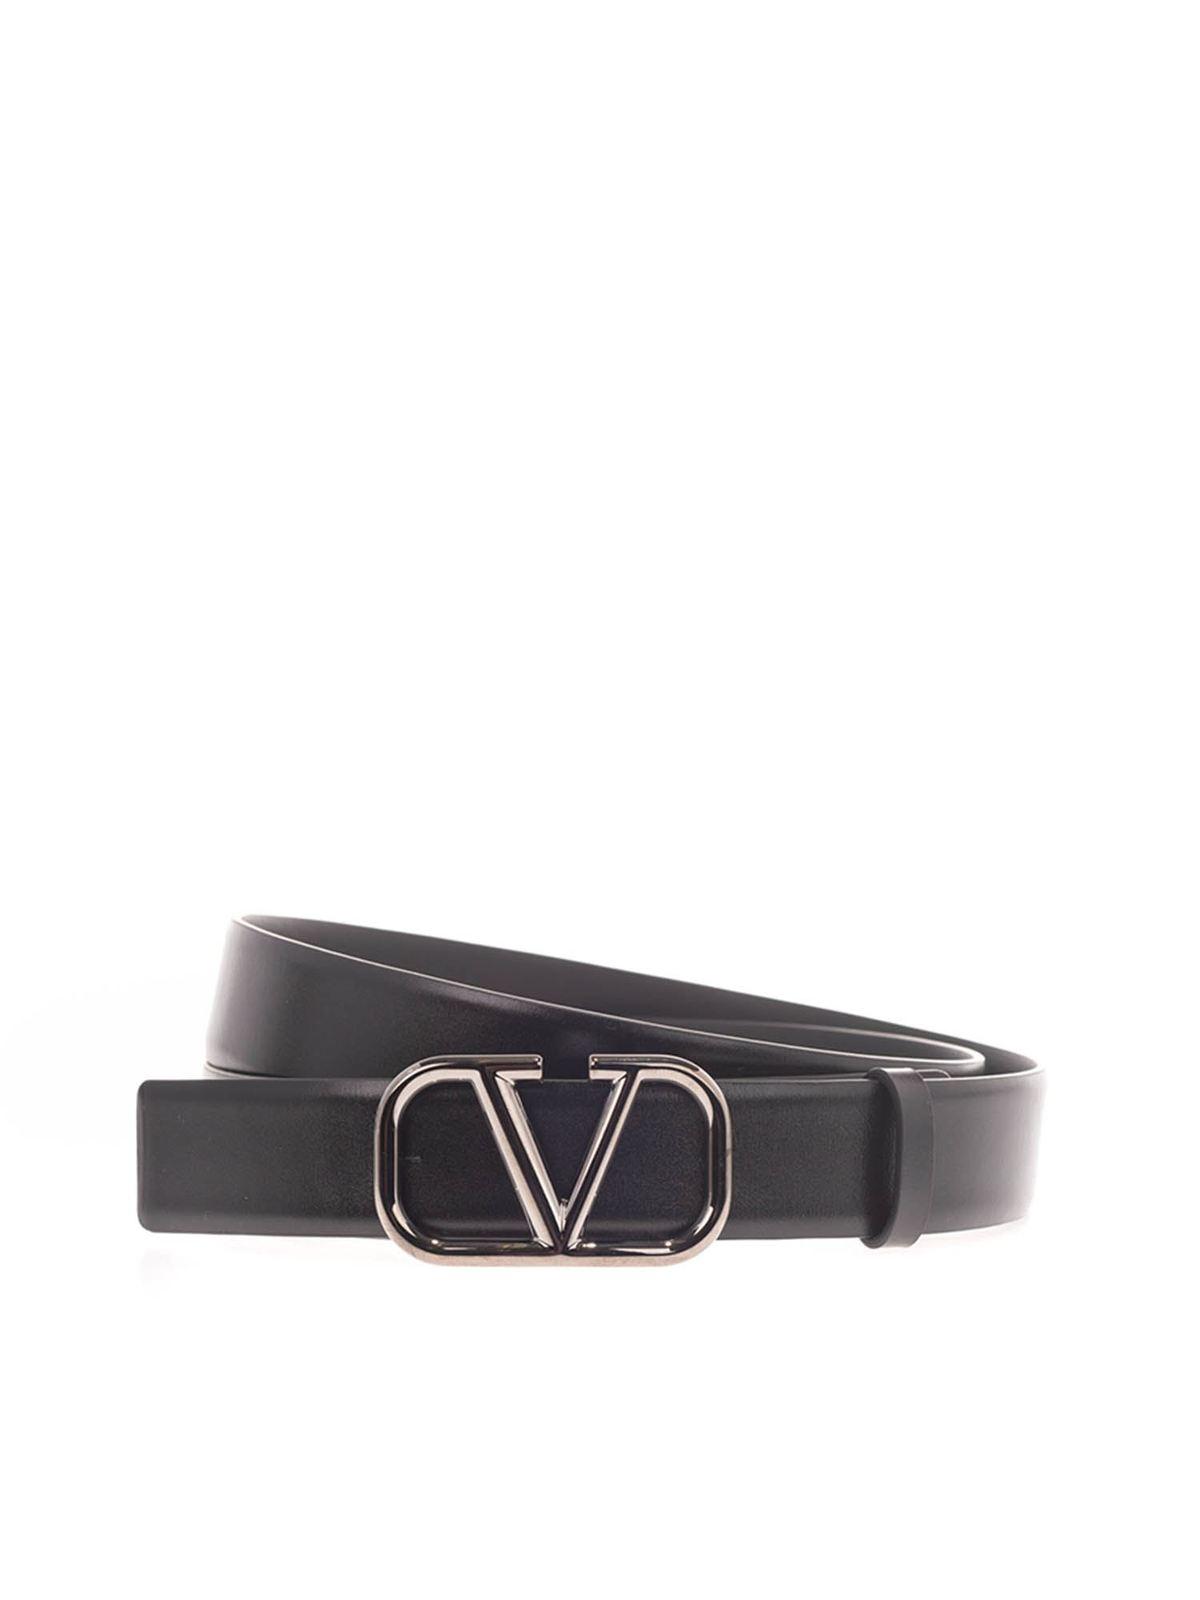 Valentino VLOGO SIGNATURE BELT IN BLACK